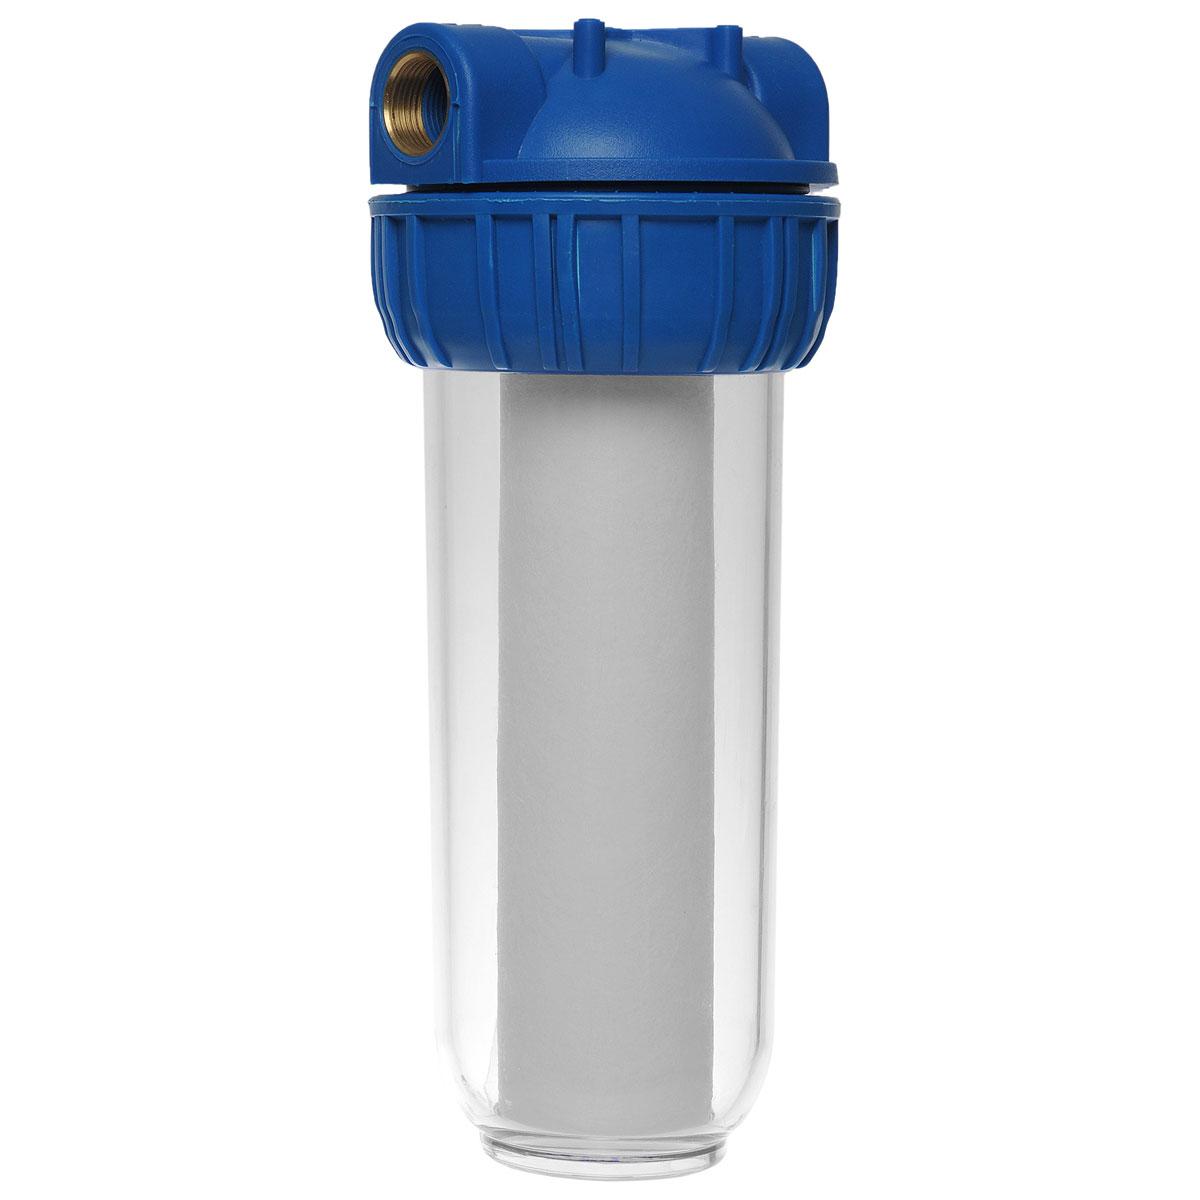 Фильтр для воды ЭкоДоктор 1Л, 3/4BL505Фильтр ЭкоДоктор предназначен для тонкой очистки воды от механических частиц, удаления песка, ржавчины и улучшения показателей мутности и цветности воды. Он имеет увеличенный ресурс и степень очистки. Собран из импортных высококачественных комплектующих. Колба имеет прозрачный корпус из прочного пластика и одинарное уплотнительное кольцо. В комплект фильтра входят колба, картридж, кронштейн для крепления на стену, ключ для замены картриджей, инструкция по эксплуатации.Характеристики: Типоразмер: 10 SL. Высота корпуса 31 см. Подключение: 3/4. Рабочее давление воды: до 8 Атм. Температура воды на входе: 1-40°С. Размер упаковки: 13 см х 15 см х 35 см. Артикул: 111010.